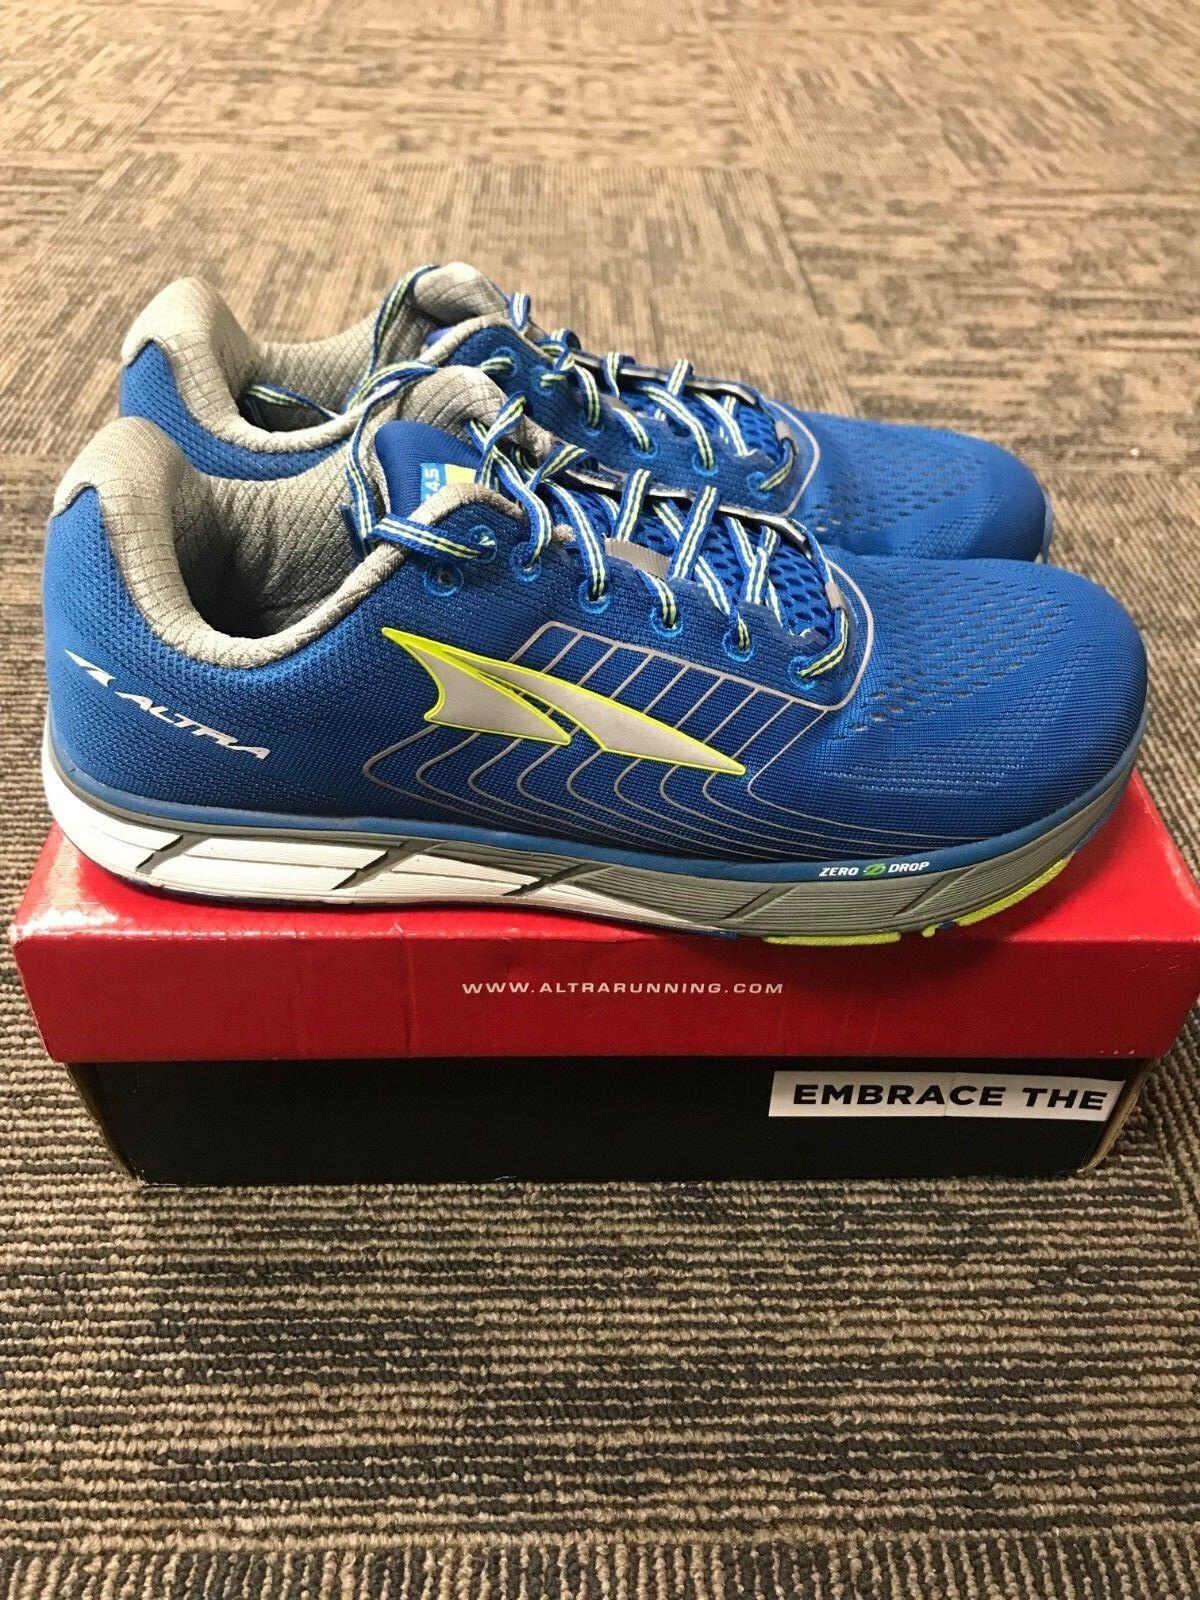 Altra Instinct 4.5 shoes - Men's Running SKU AFM1835F-4 Size 10